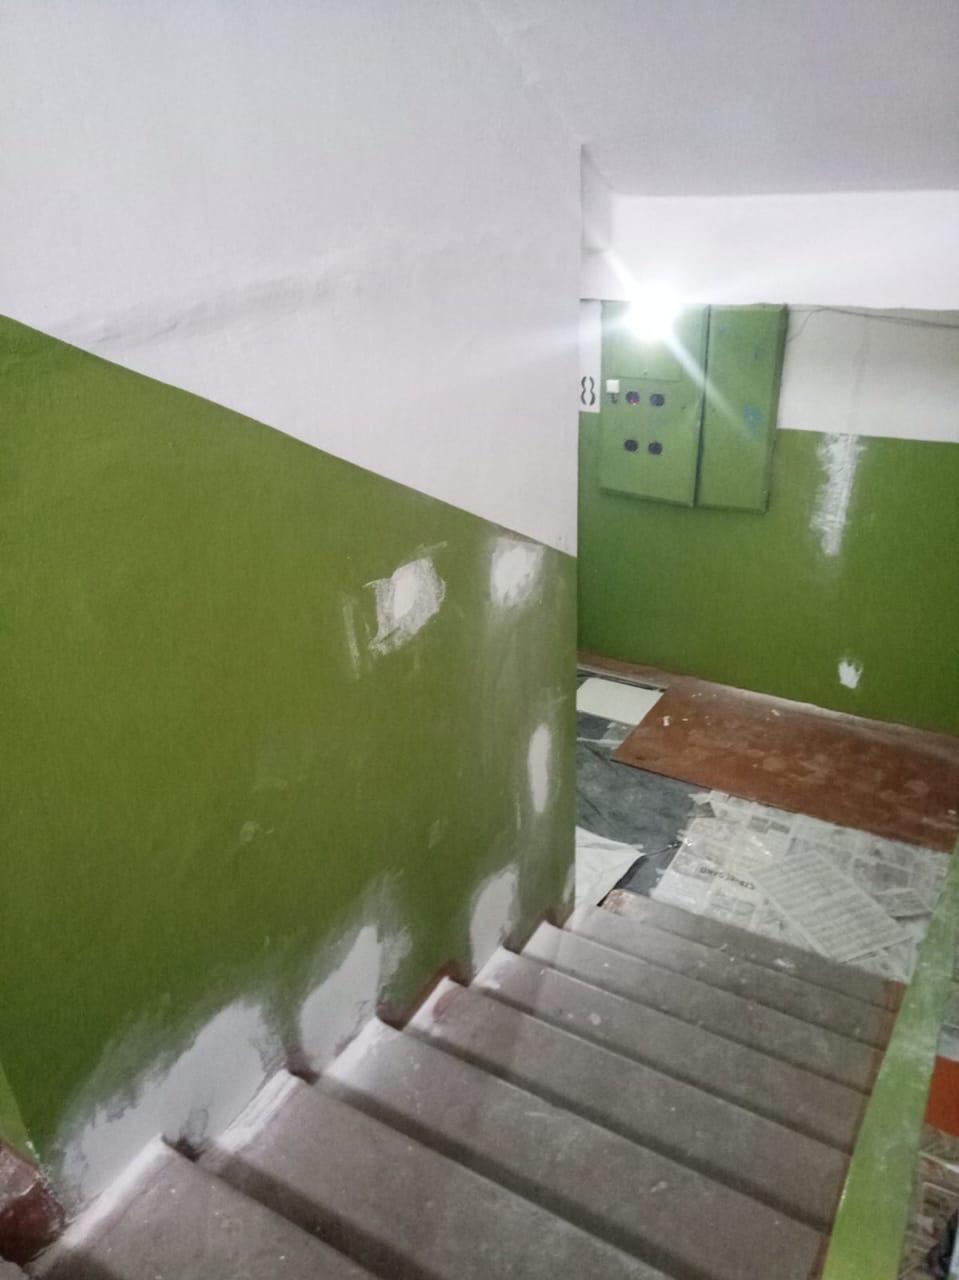 Улица Ульяновская дом 8 подъезд 6 подготовка